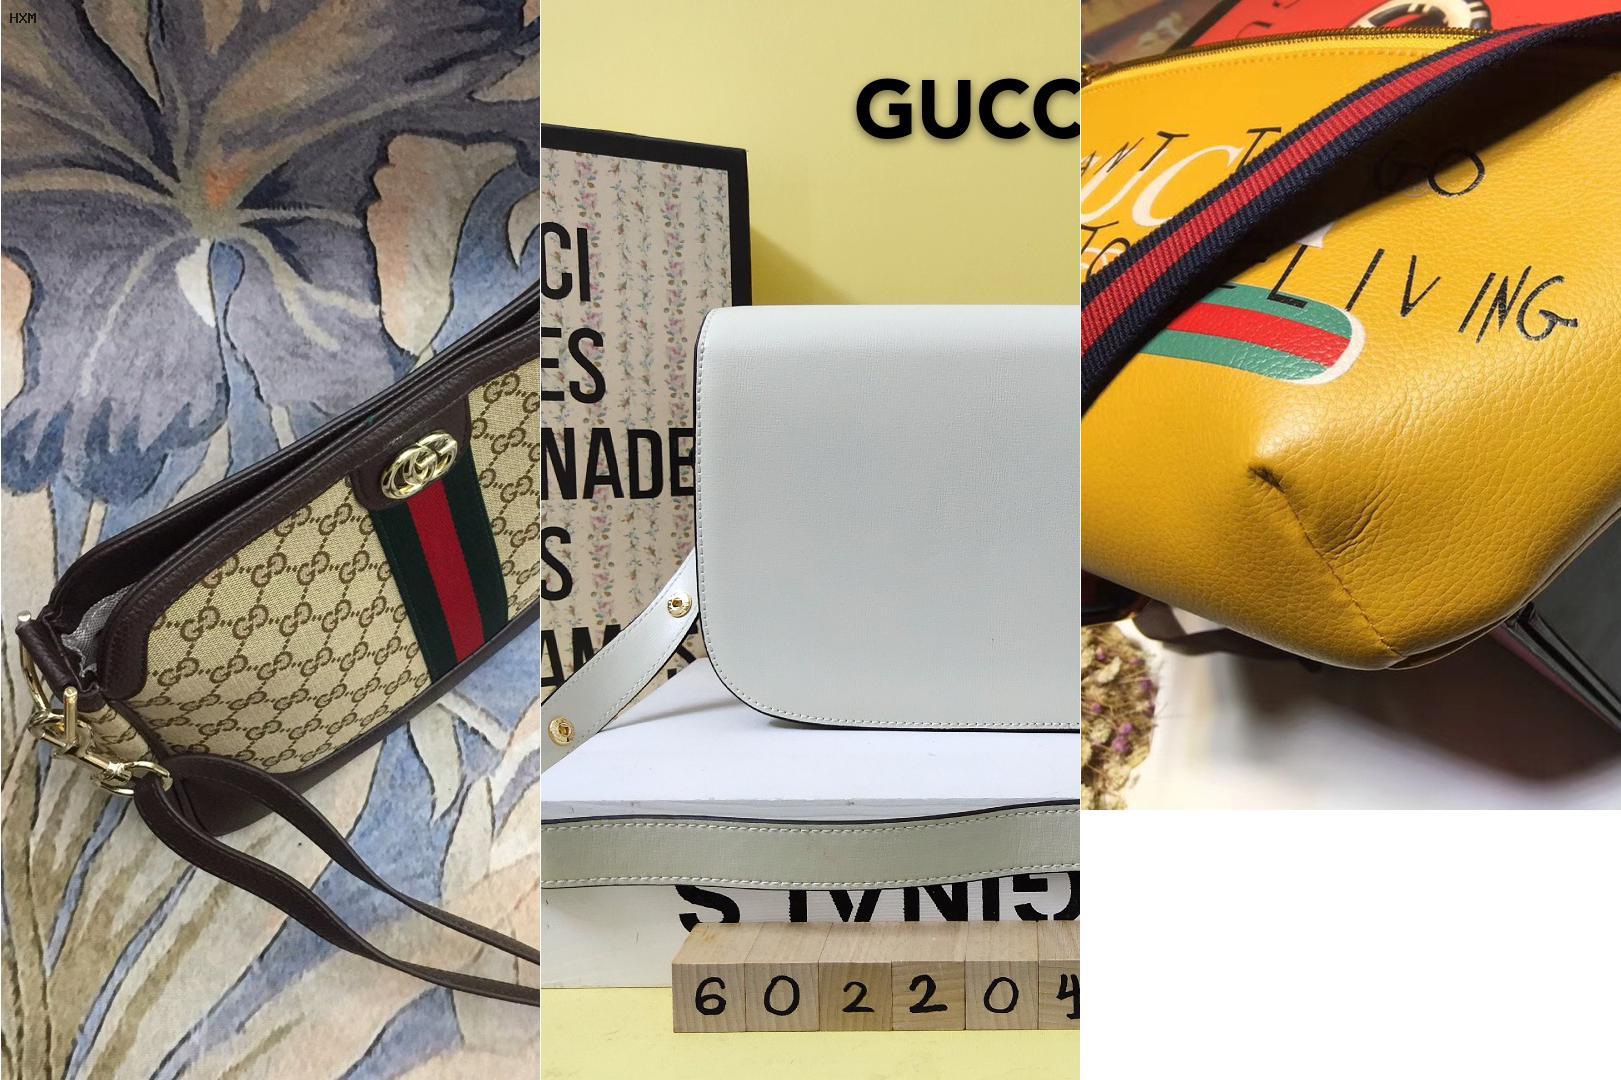 bauletto gucci vintage web prezzo